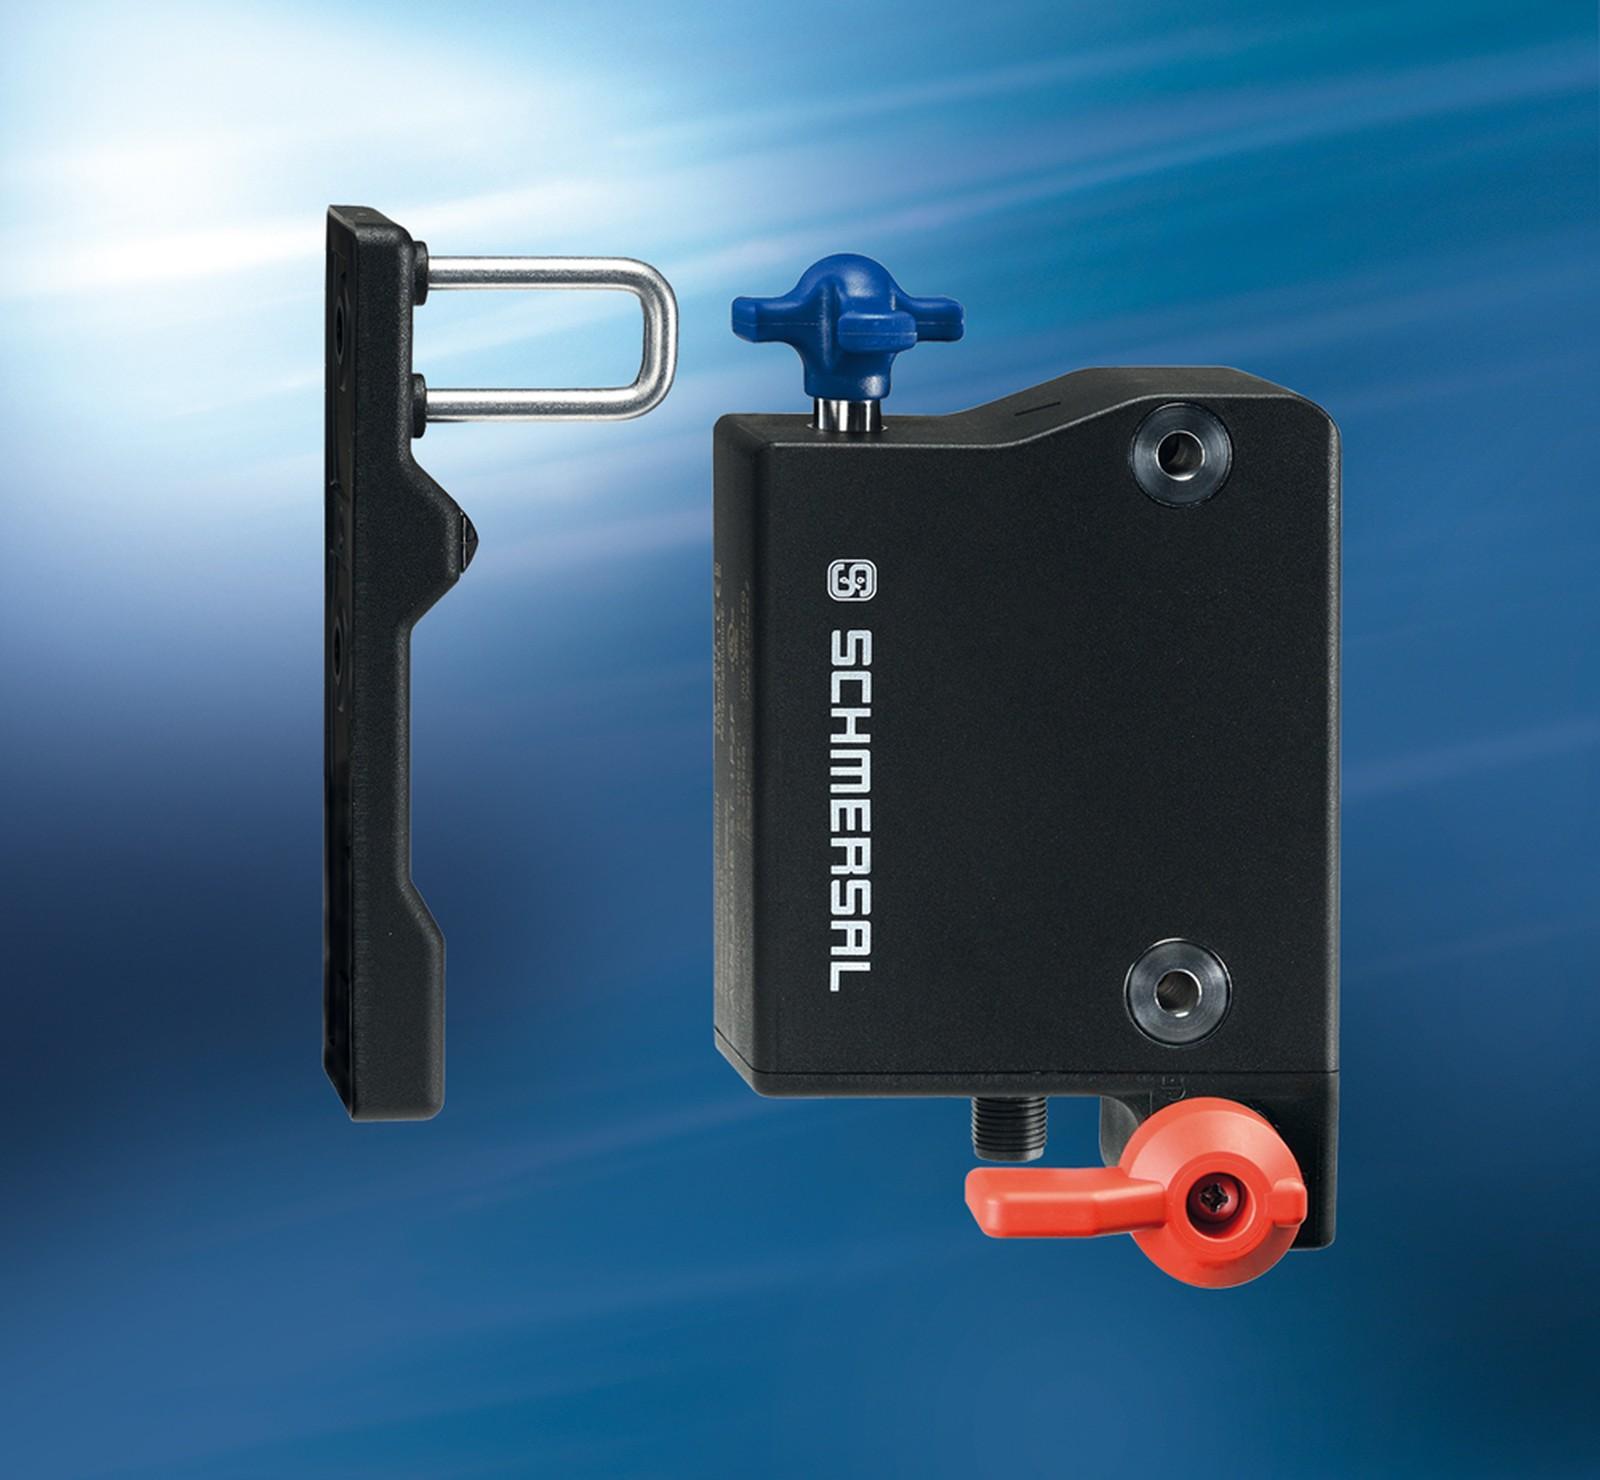 Schmersal produziert erstmals AZM300 mit innovativer Plasma-SealTight-Technologie_ Neues Herstellungsverfahren von Kunststoff-Metall-Verbunden wird in erster industrieller Anwendung erprobt.